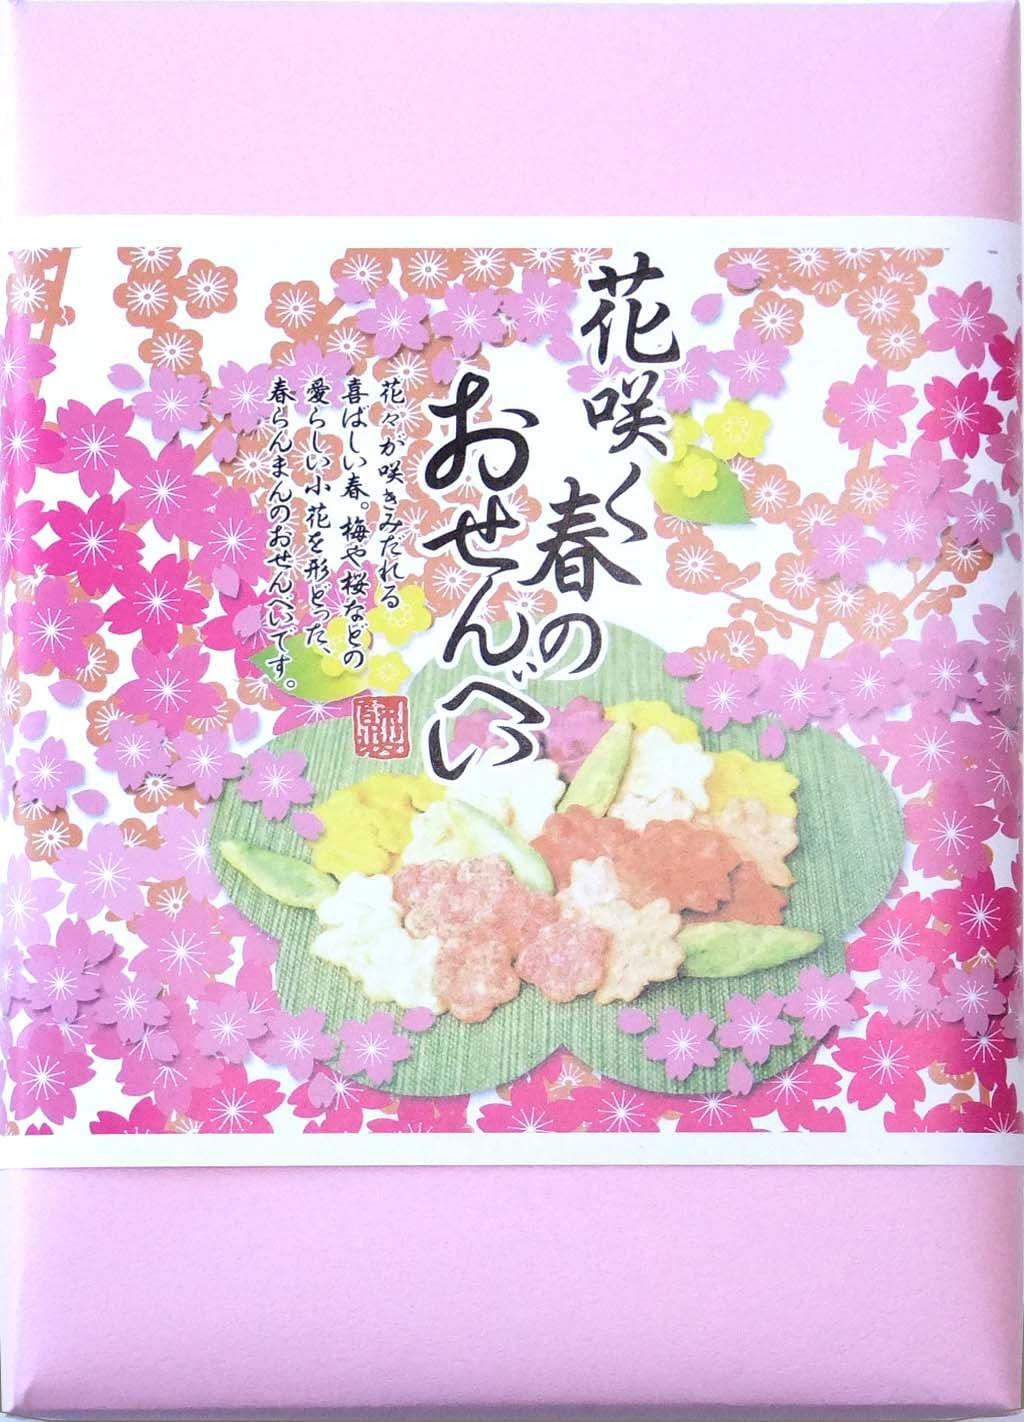 花咲く春のおせんべい商品画像